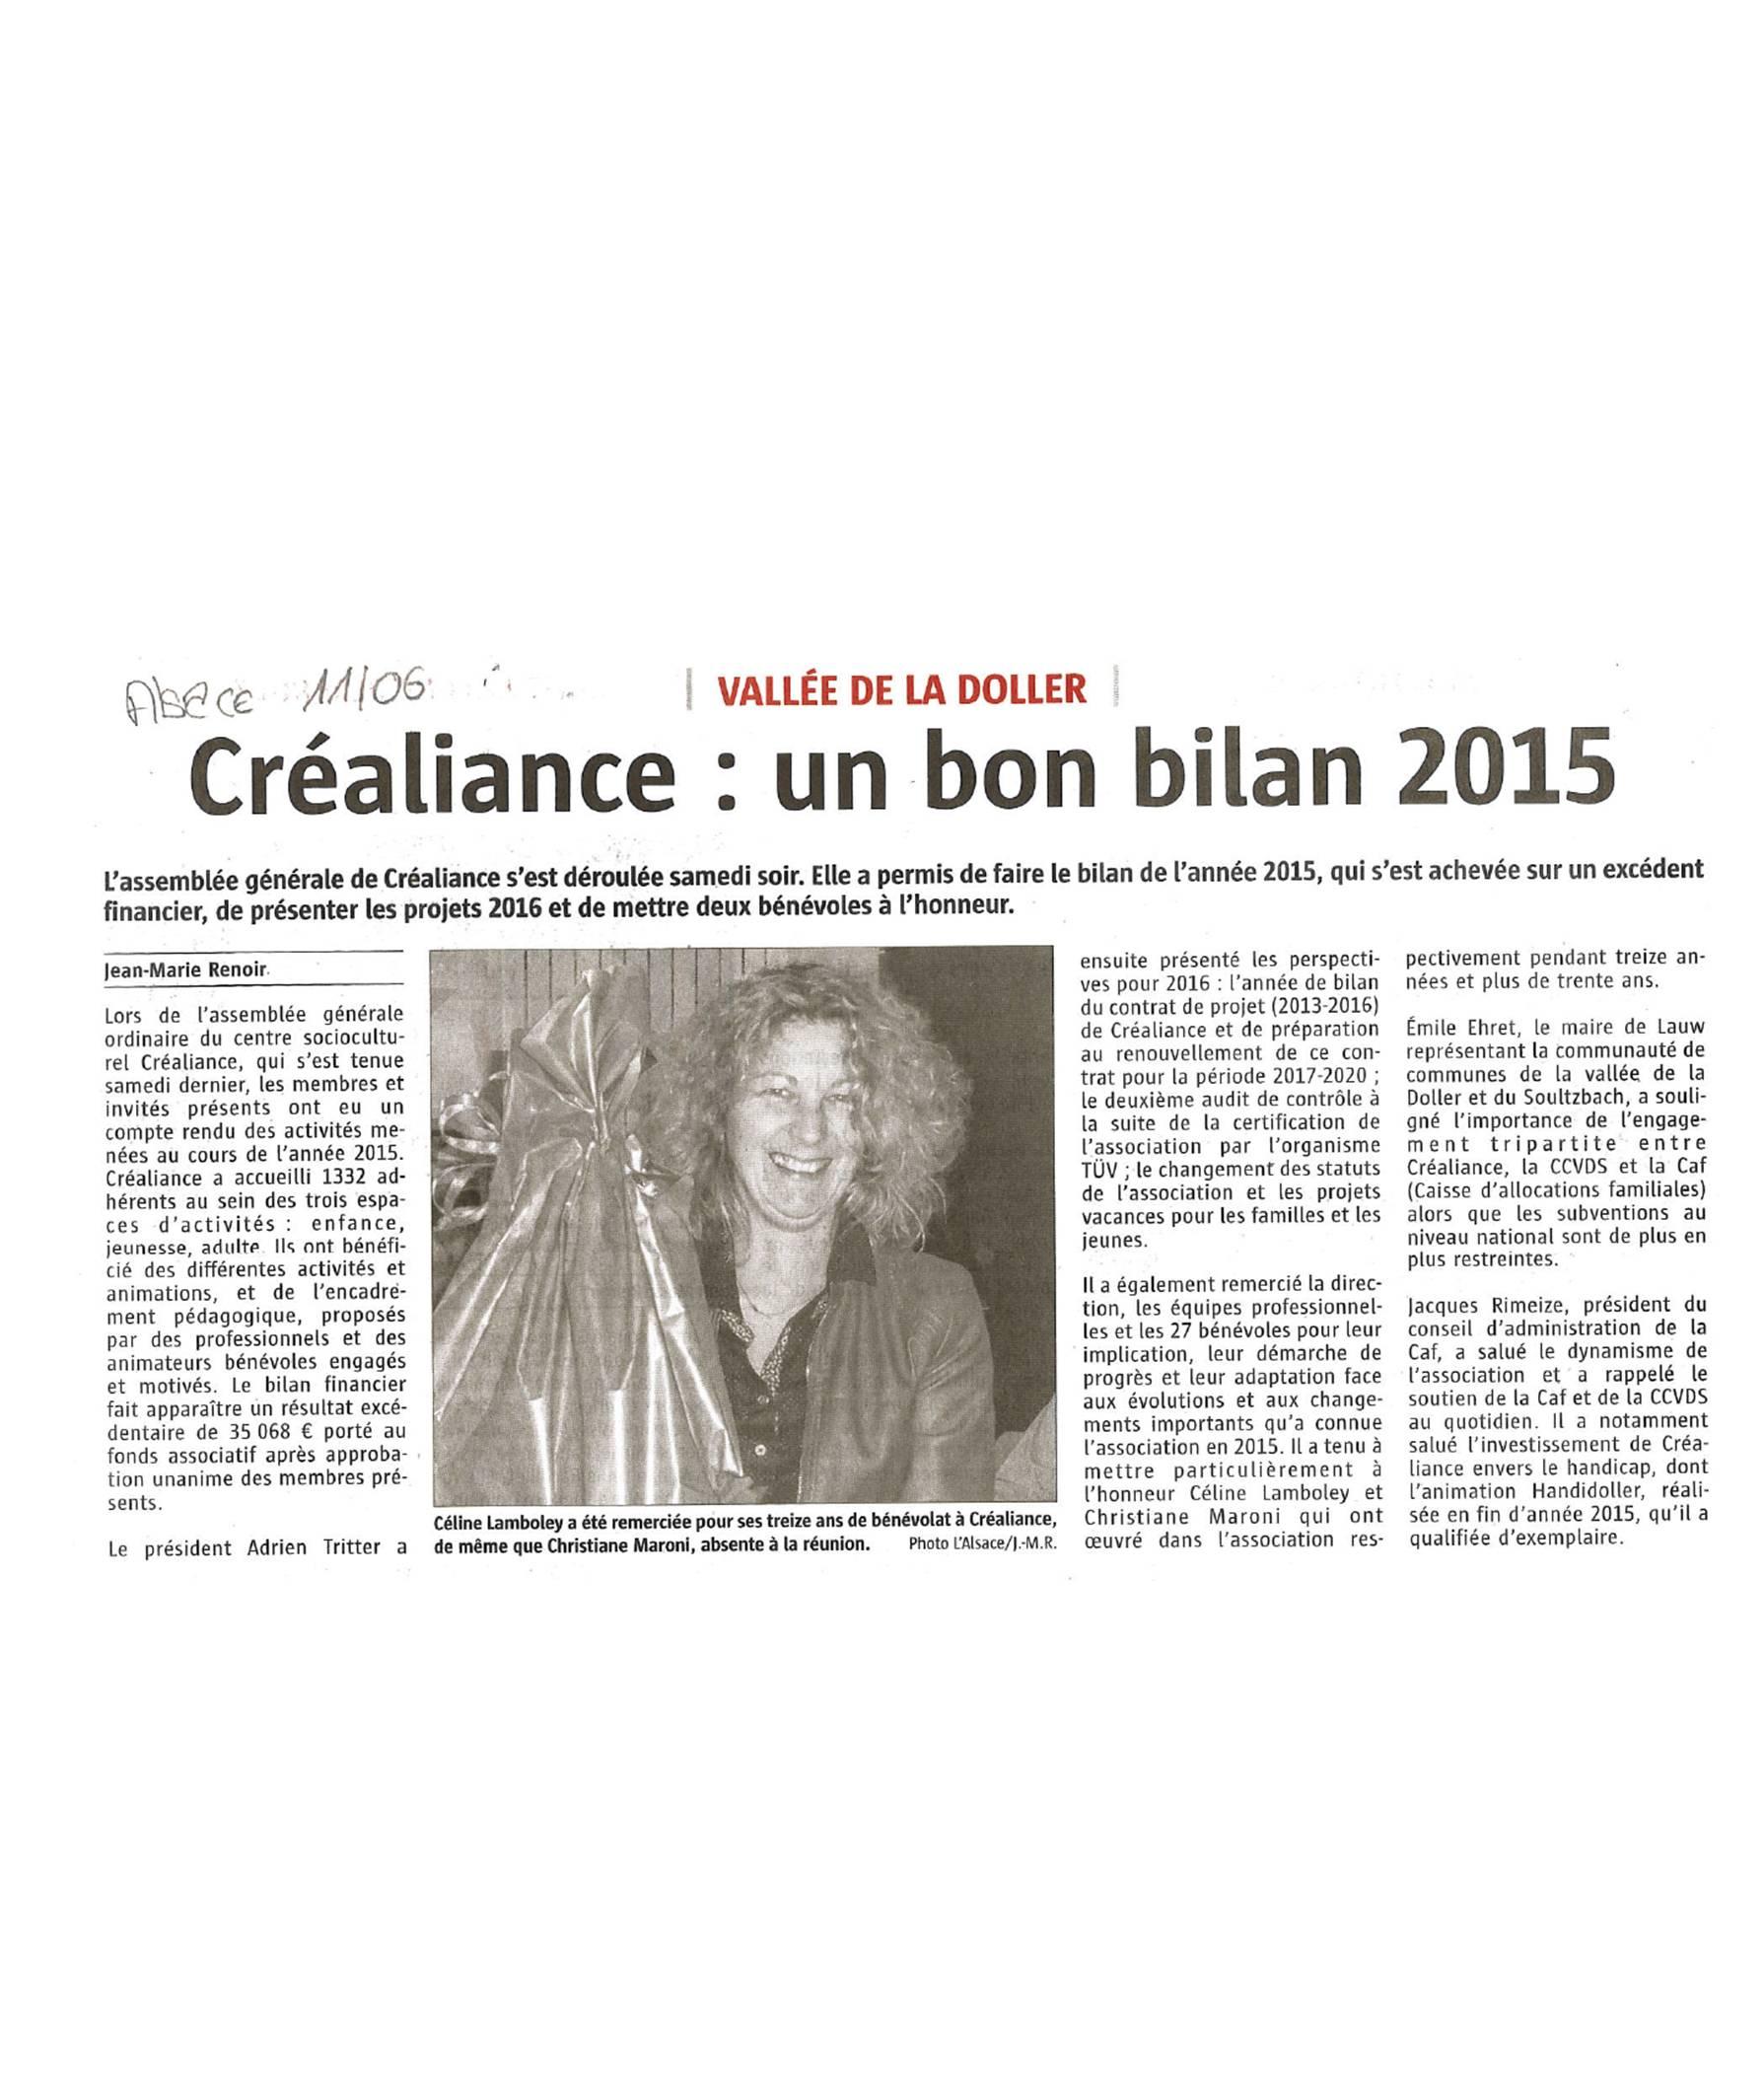 Créaliance - L'Alsace - 11-06-2016